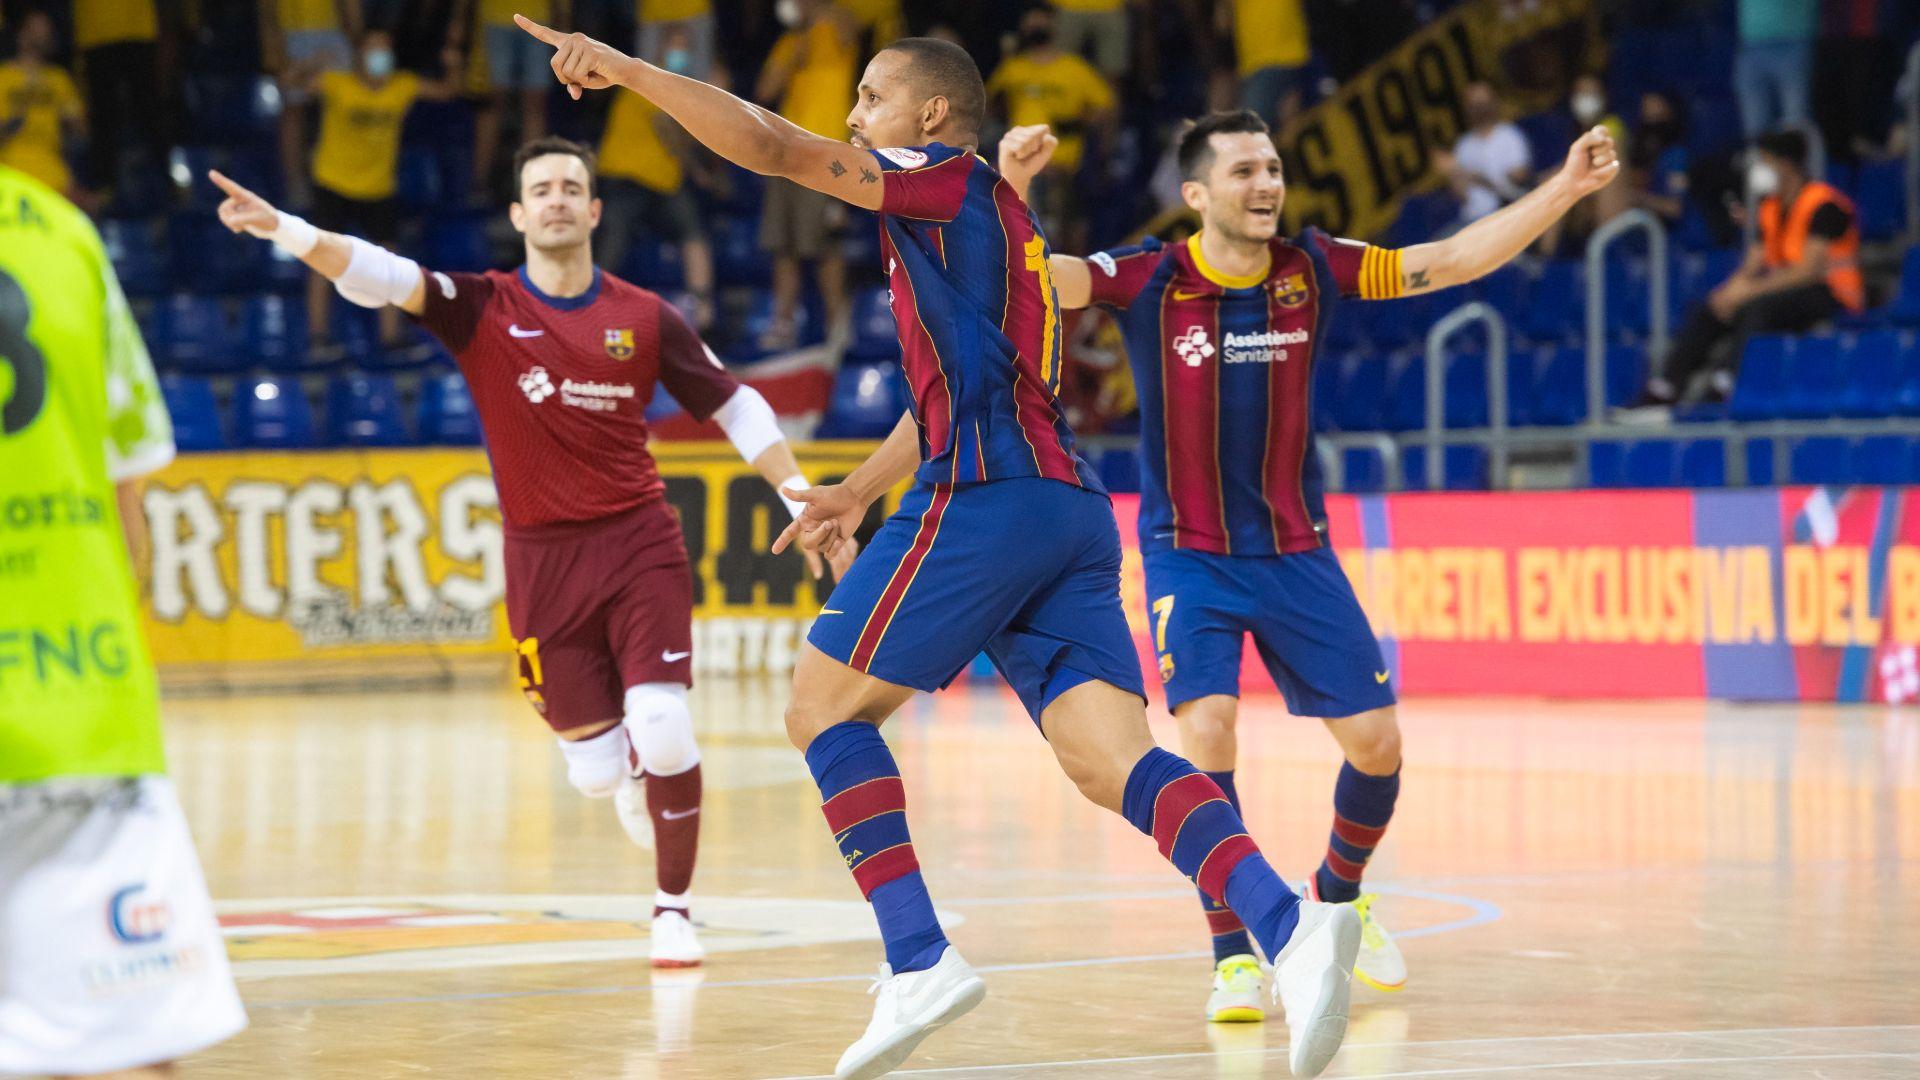 El Barça primer finalista tras superar a Palma, Levante y Valdepeña al tercer partido